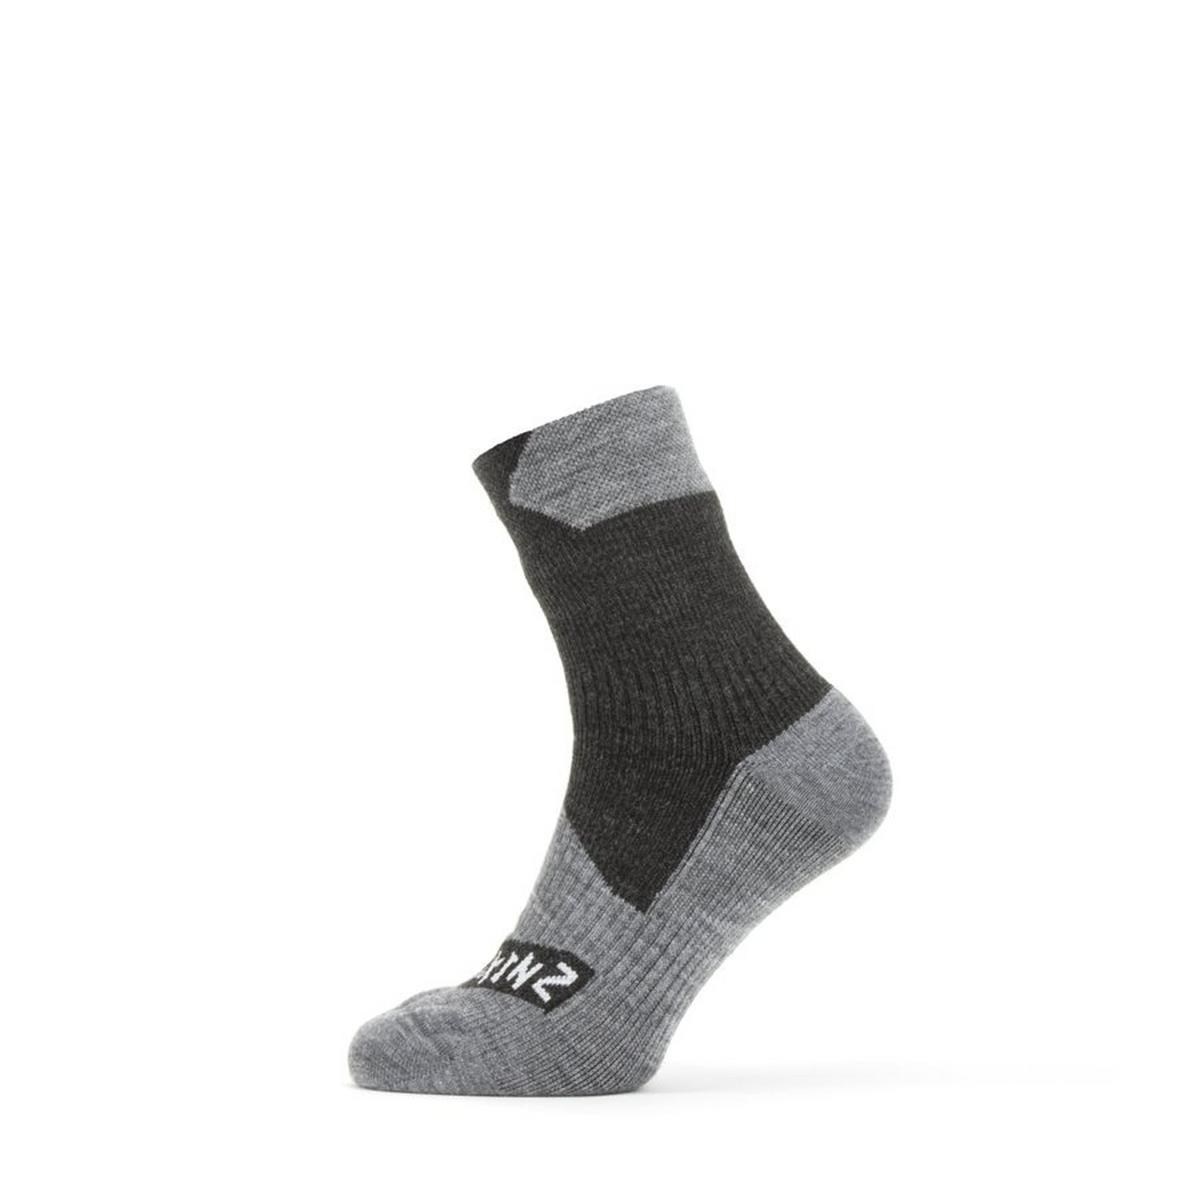 Sealskinz Unisex Waterproof All Weather Ankle Sock